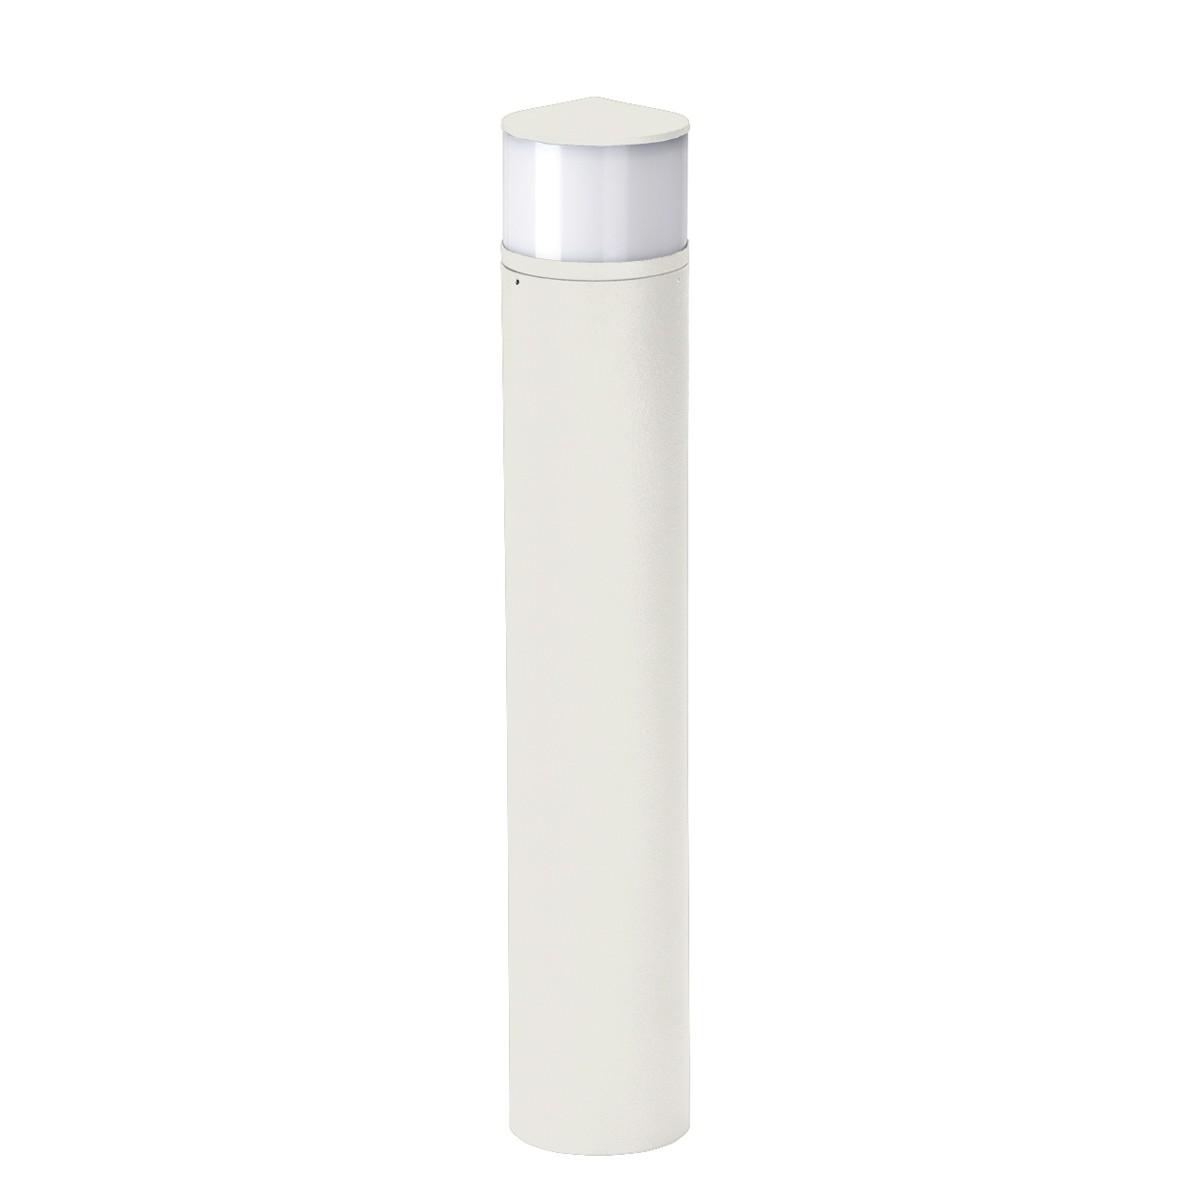 Albert 2240 LED Pollerleuchte, weiß